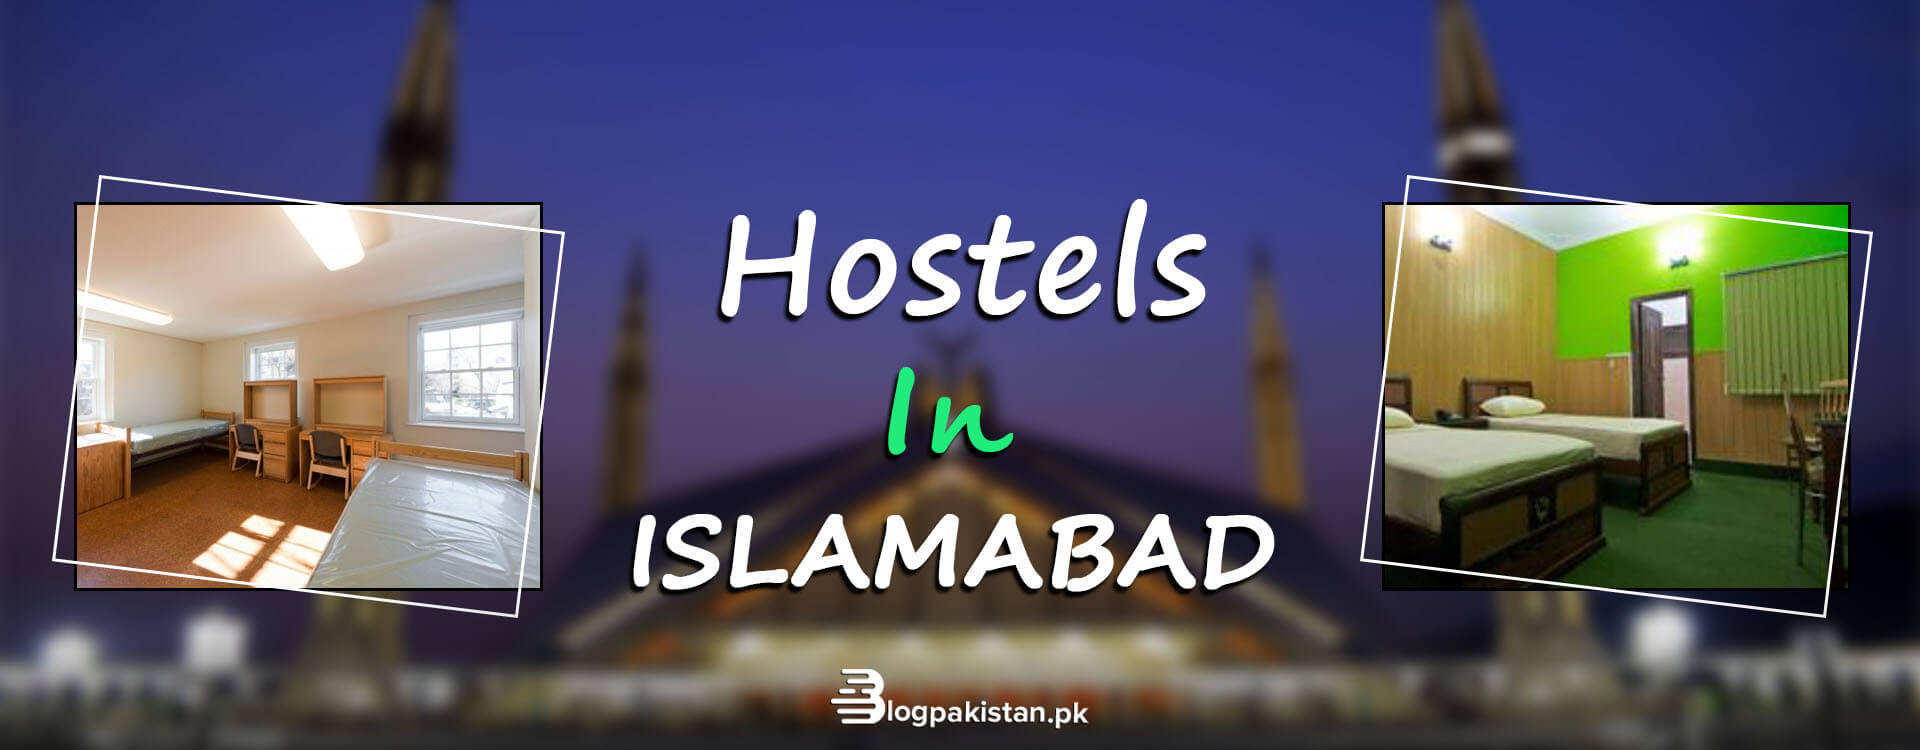 hostels in Islamabad